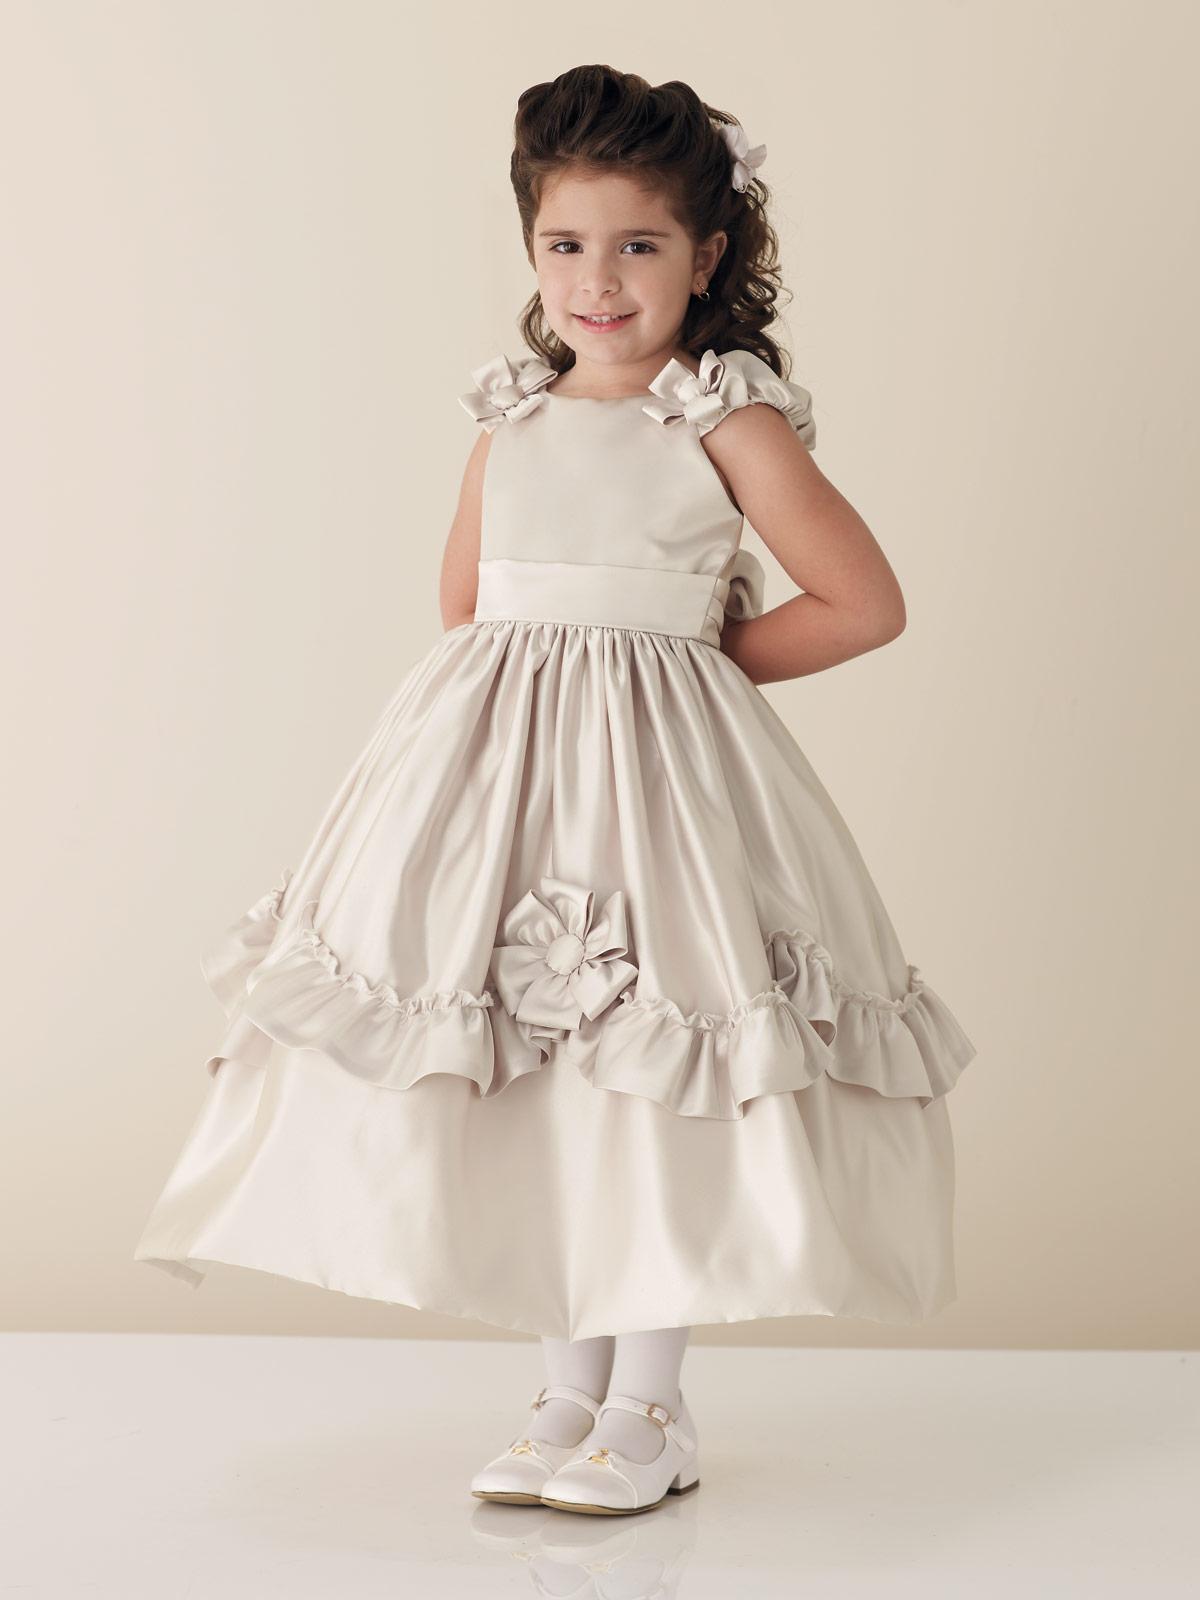 بالصور فساتين للاعراس اطفال , لاحلي البنات العرايس 379